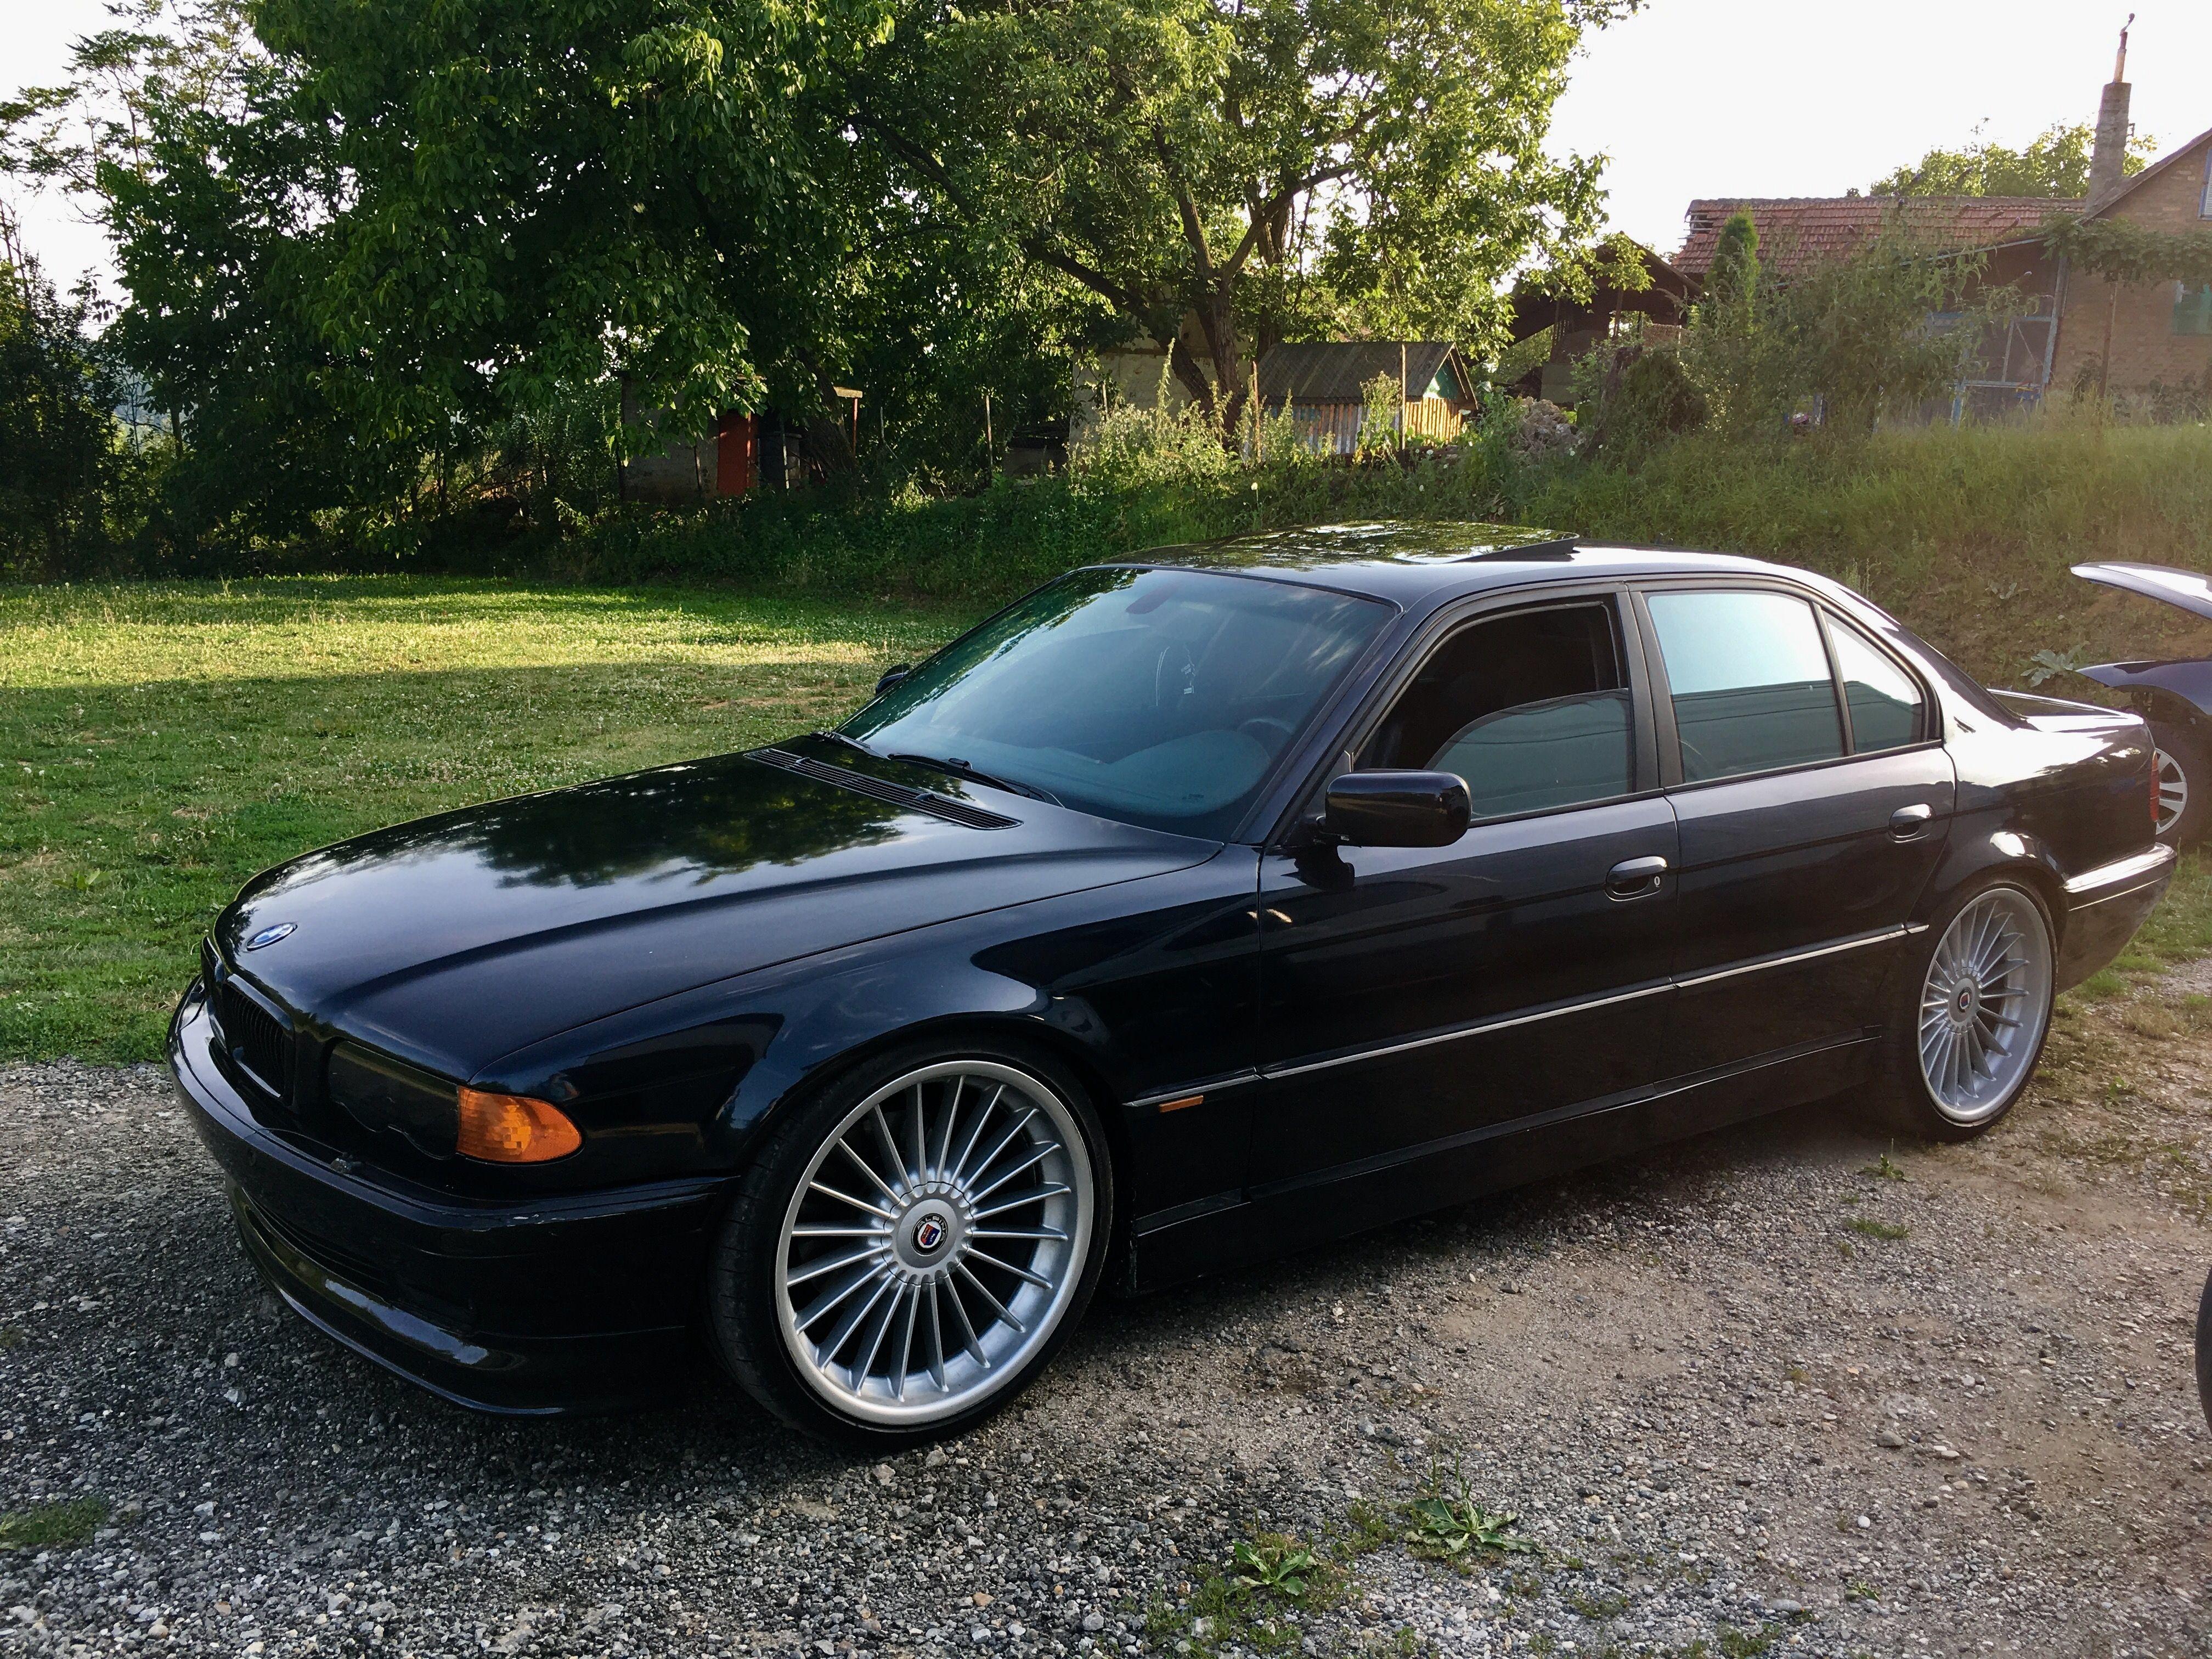 Bmw E38 Alpina 21 Bmw E38 Bmw Vintage Bmw Alpina